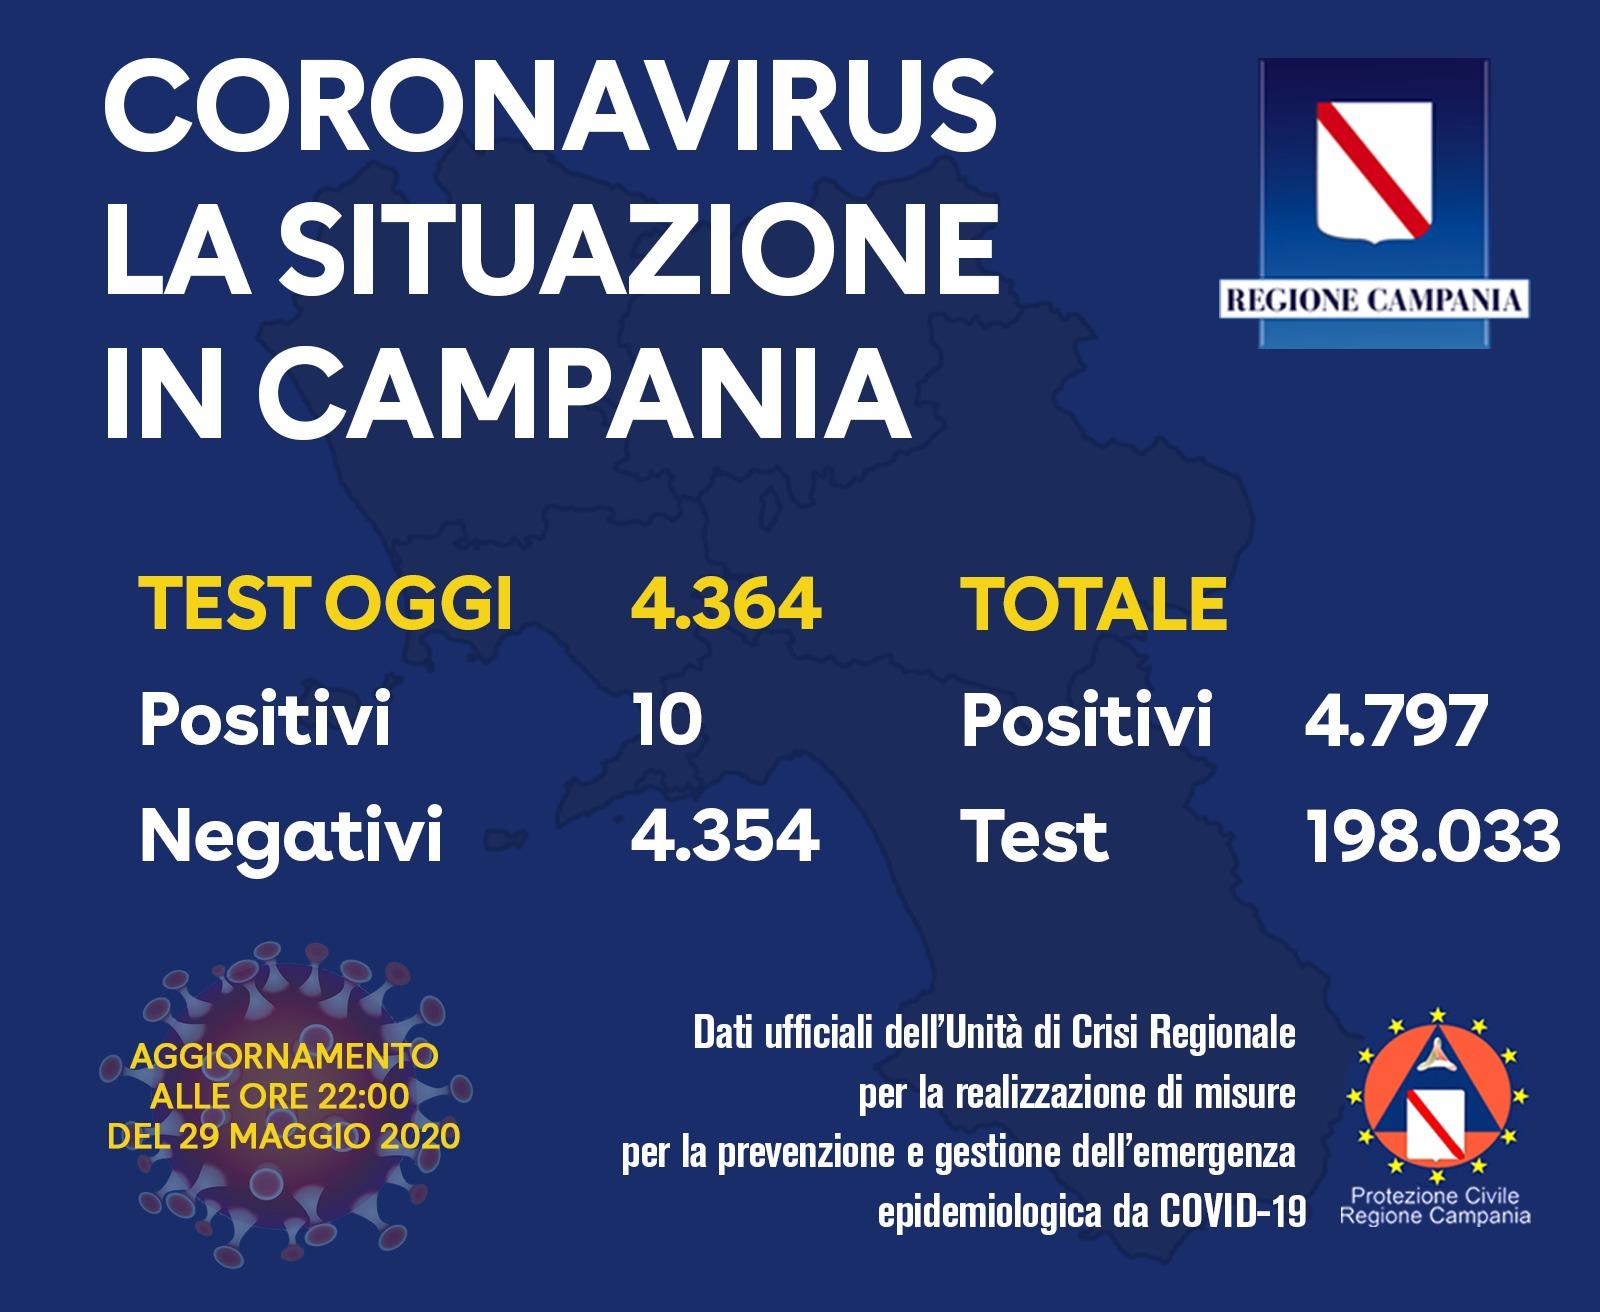 Photo of Coronavirus in Campania, 10 tamponi positivi su oltre 4300: il bollettino del 29 maggio